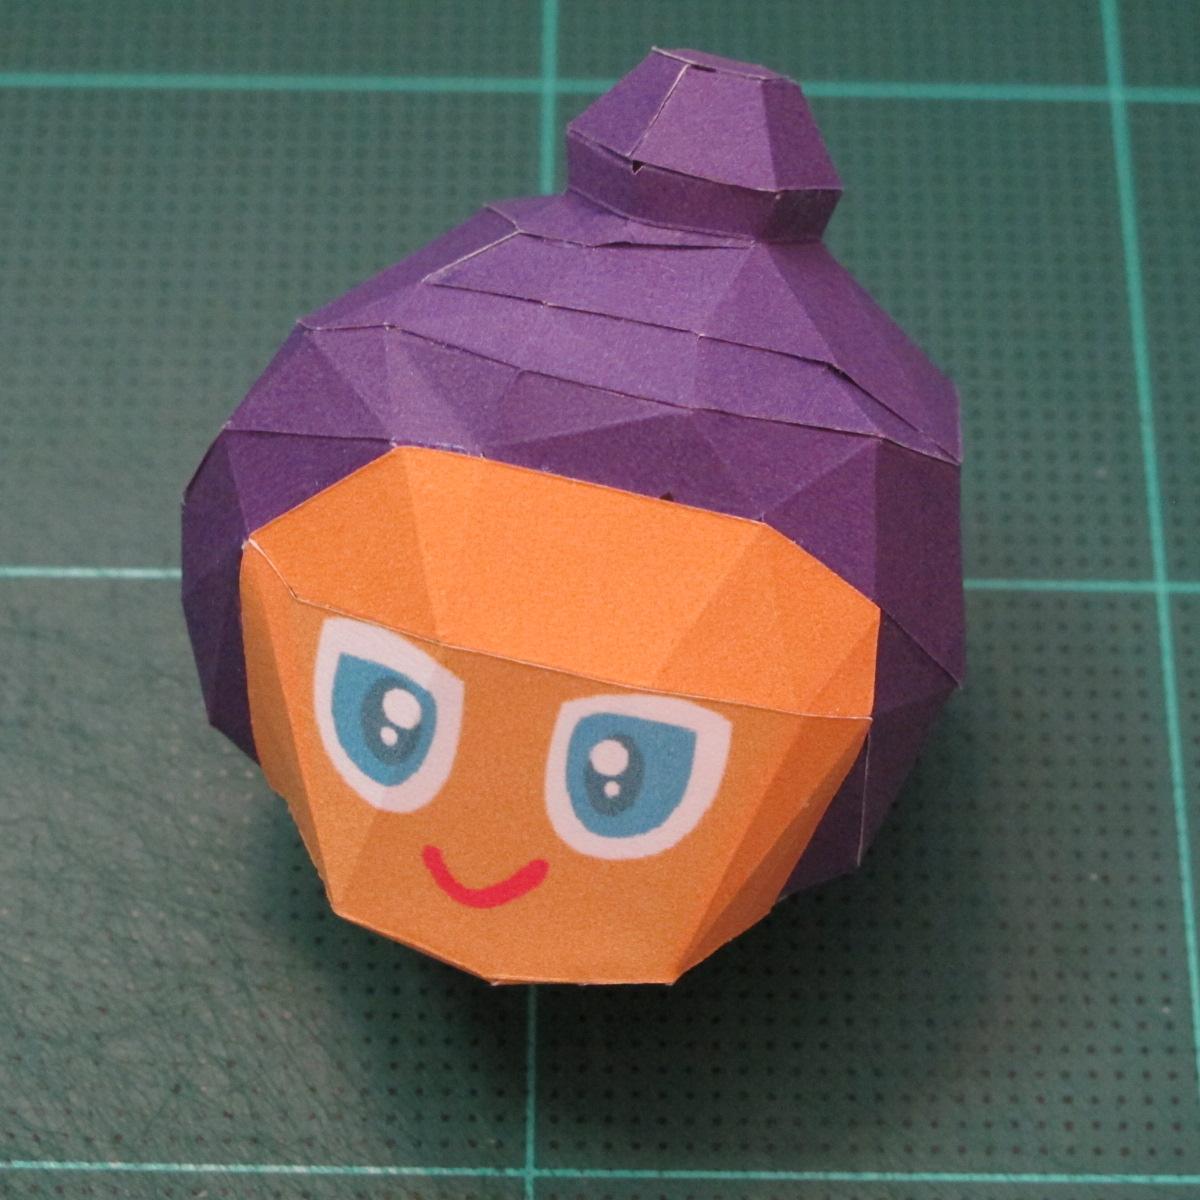 วิธีทำโมเดลกระดาษตุ้กตา คุกกี้รสราชินีสเก็ตลีลา จากเกมส์คุกกี้รัน (LINE Cookie Run Skating Queen Cookie Papercraft Model) 009